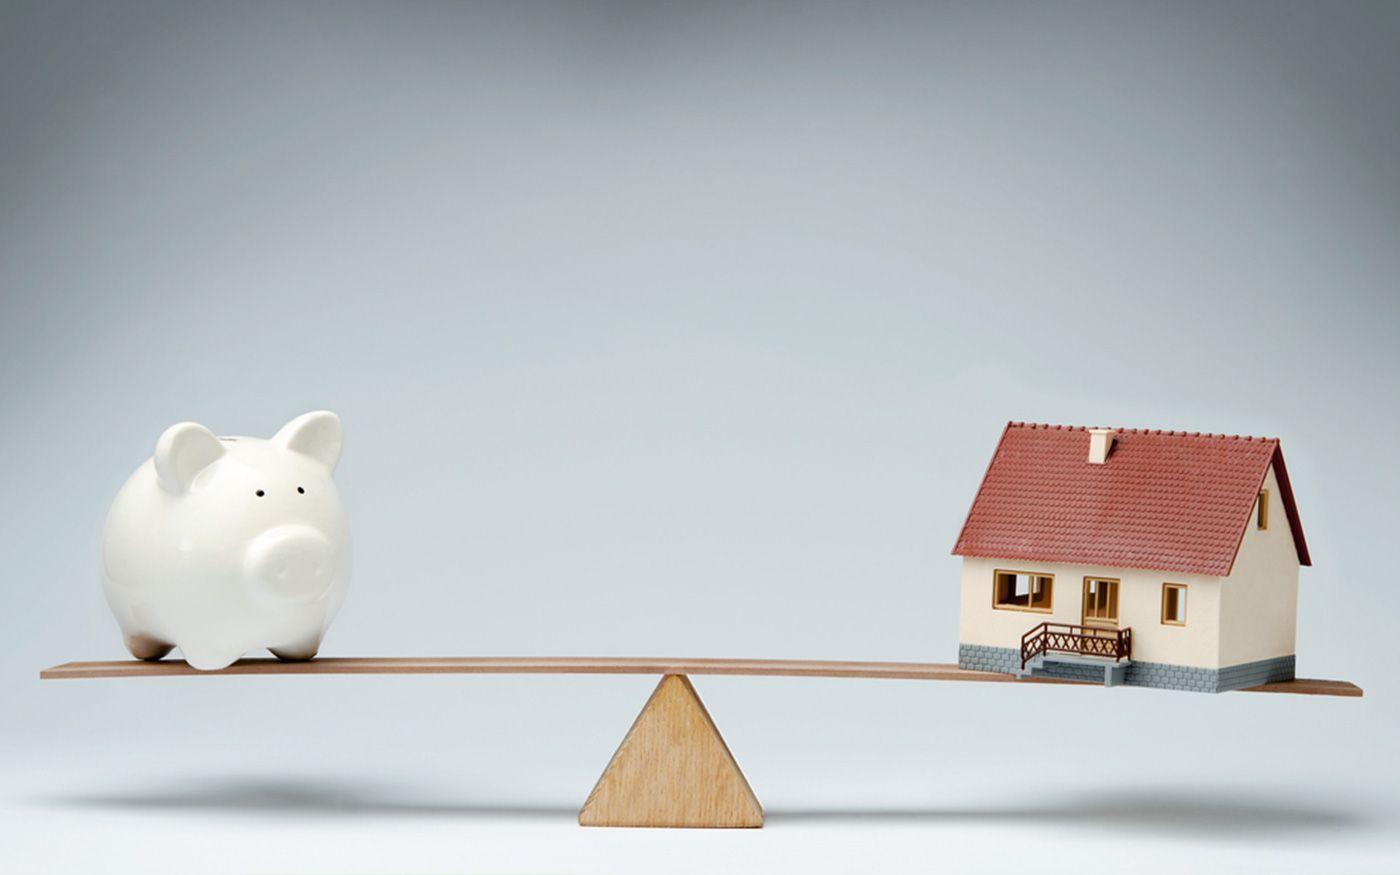 Agent immobilier est un métier qui s'apprend